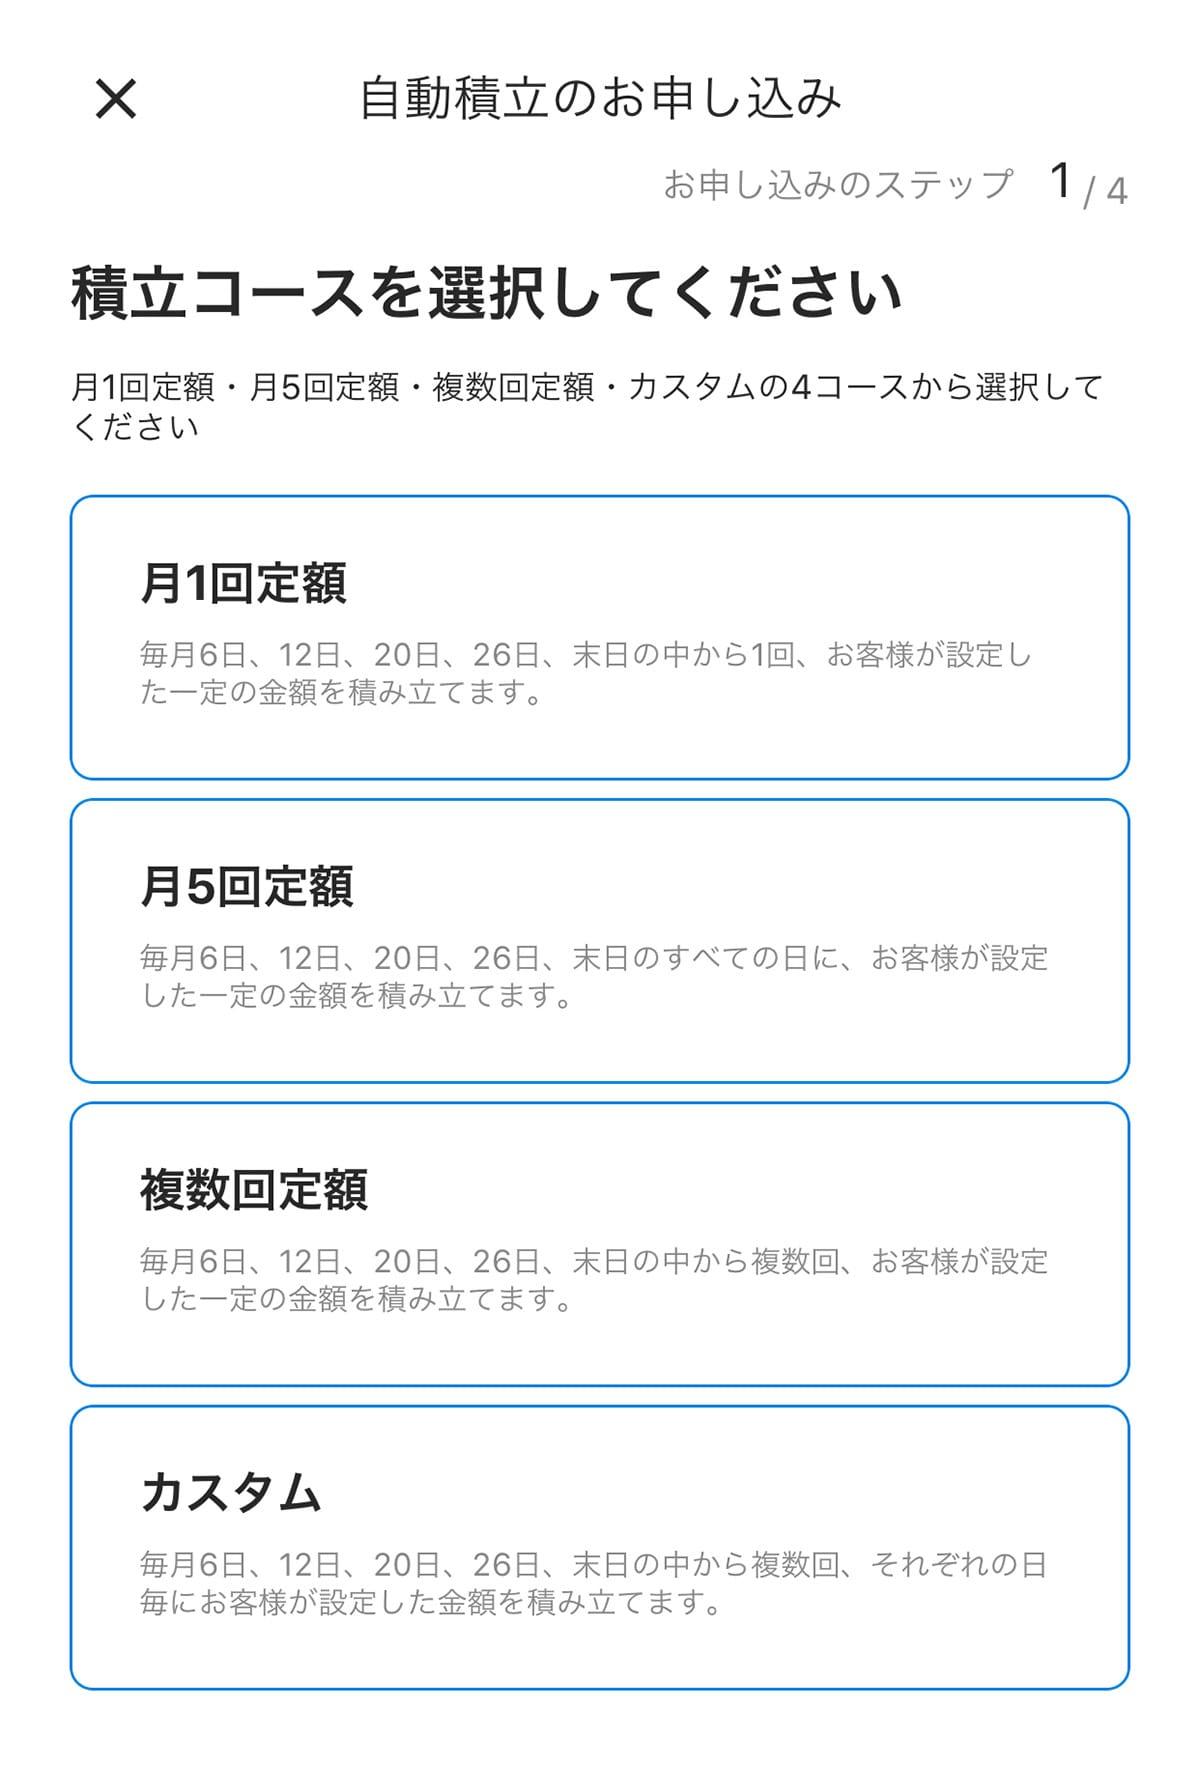 自動積立機能の申込画面